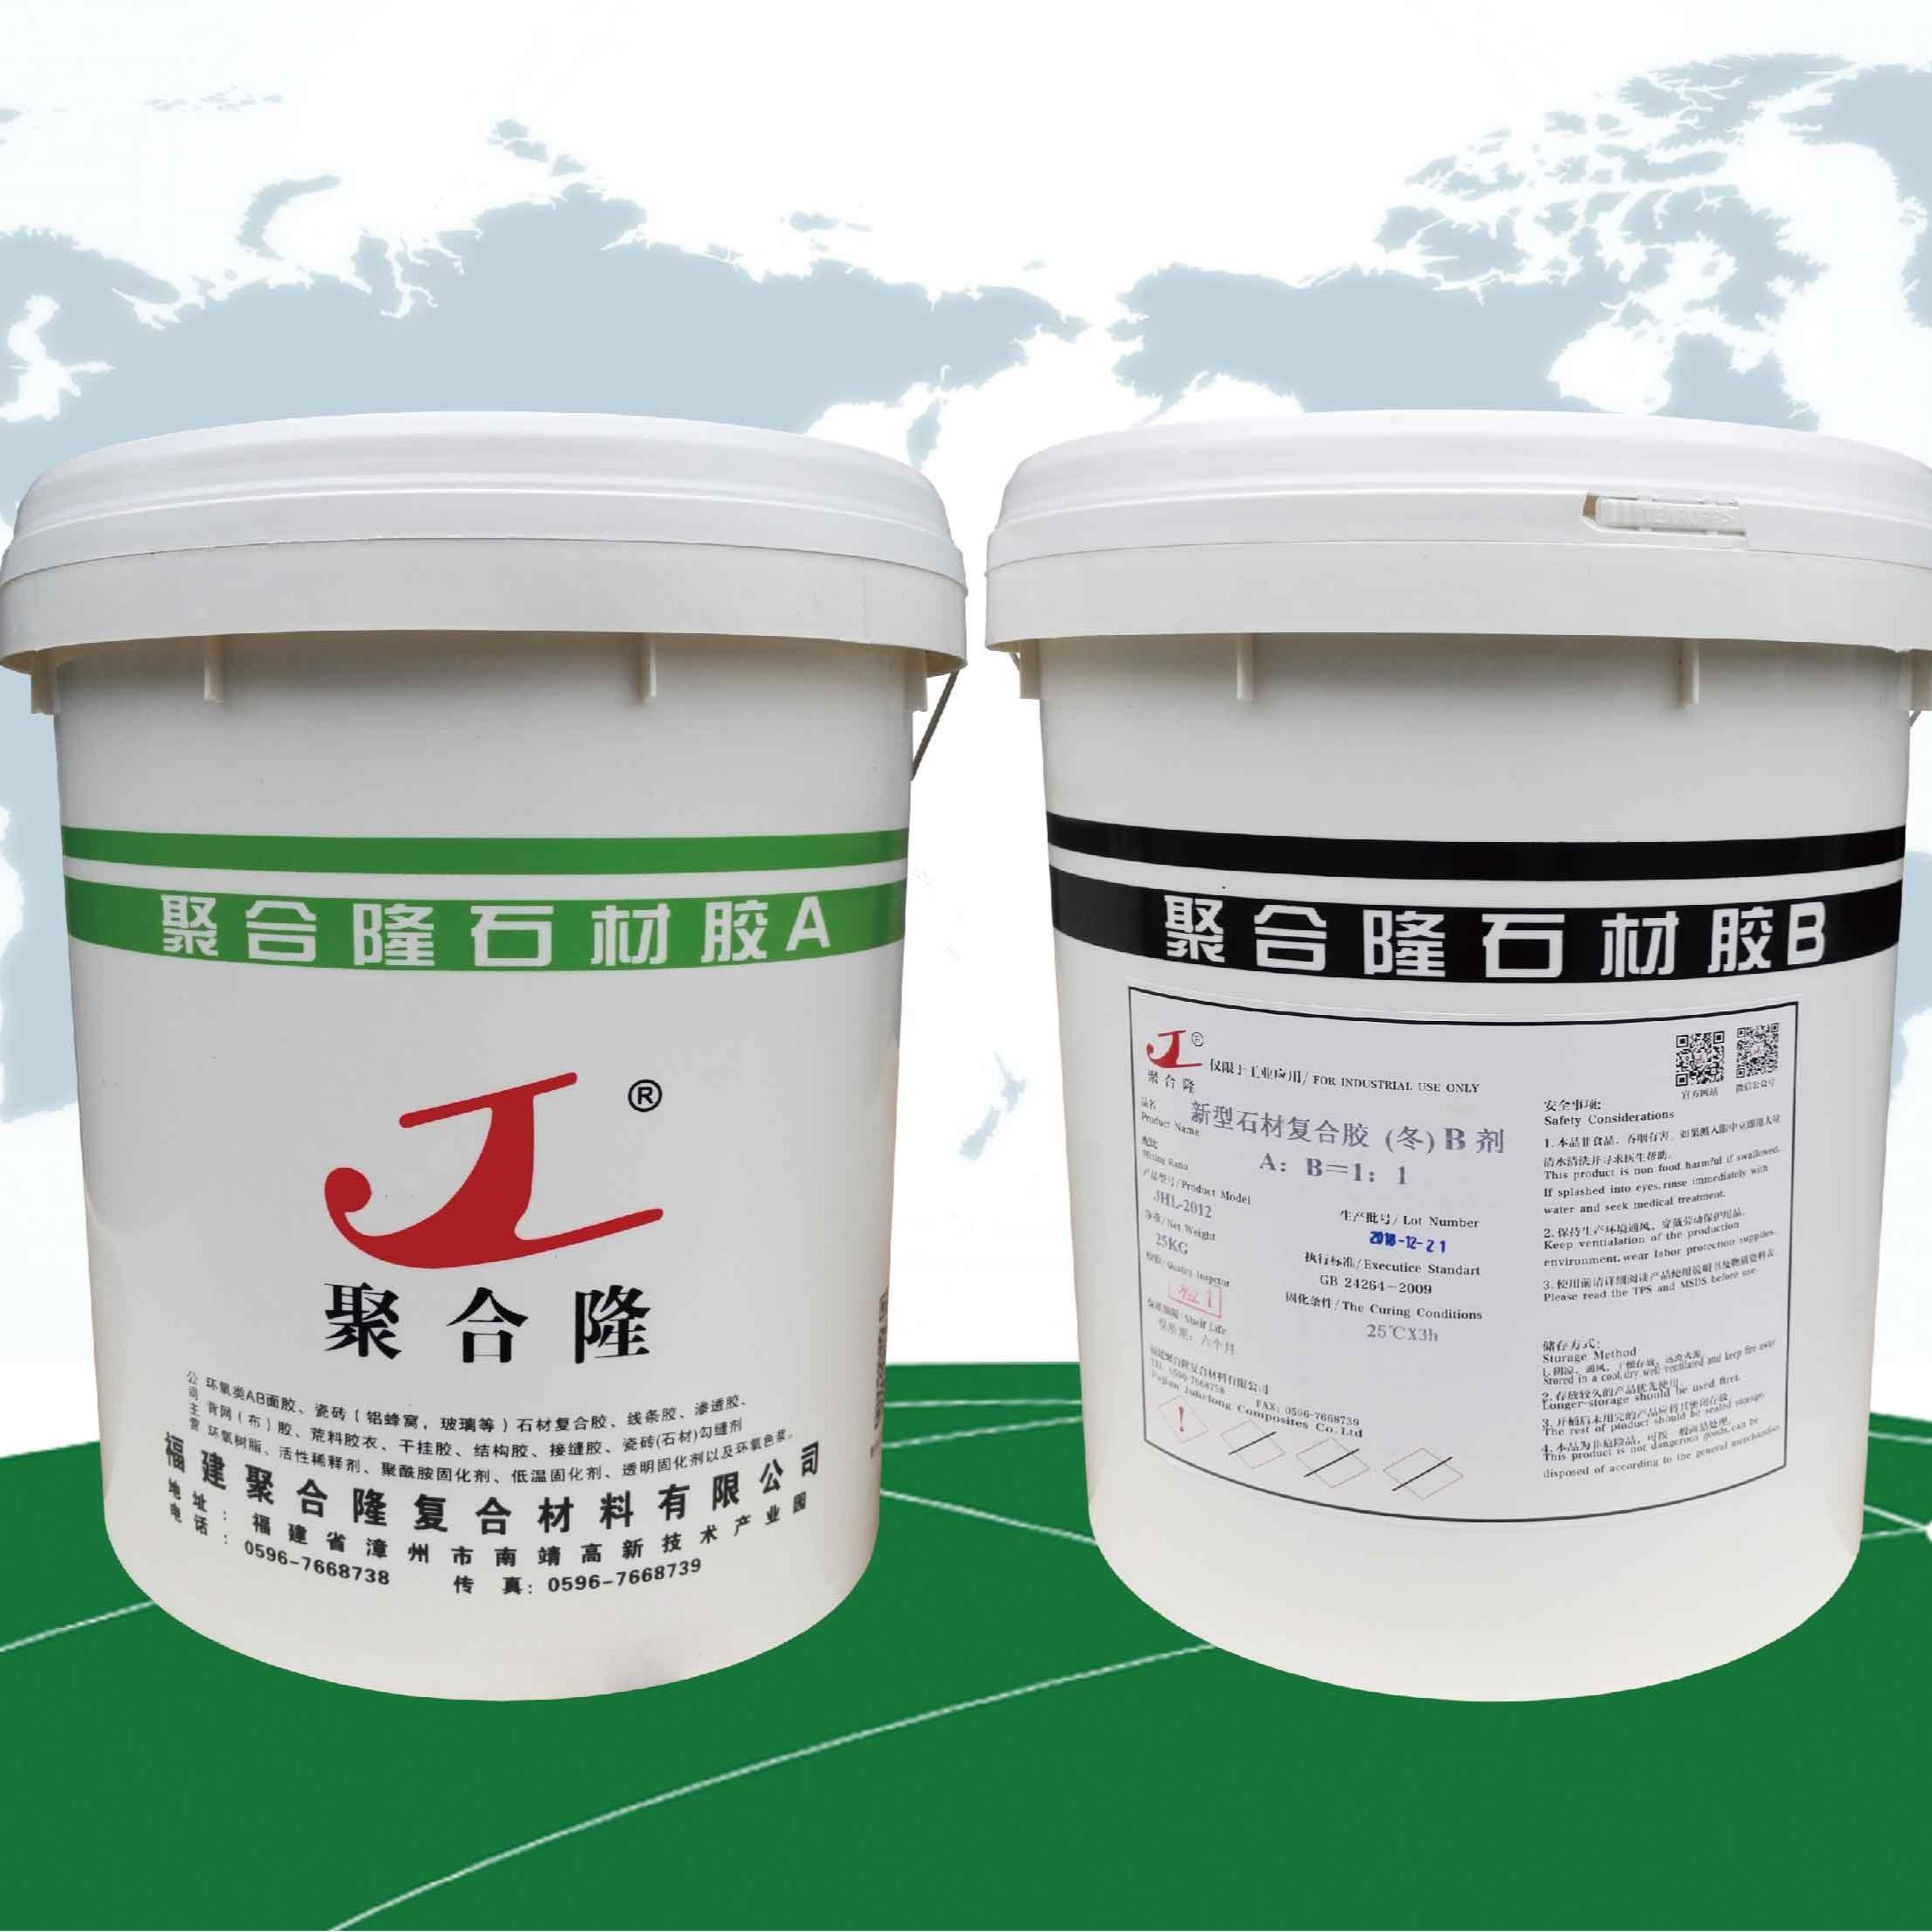 供应聚合隆大理石粘合剂 大理石花岗岩瓷砖玉石粘接粘合用环氧树脂型ab胶水